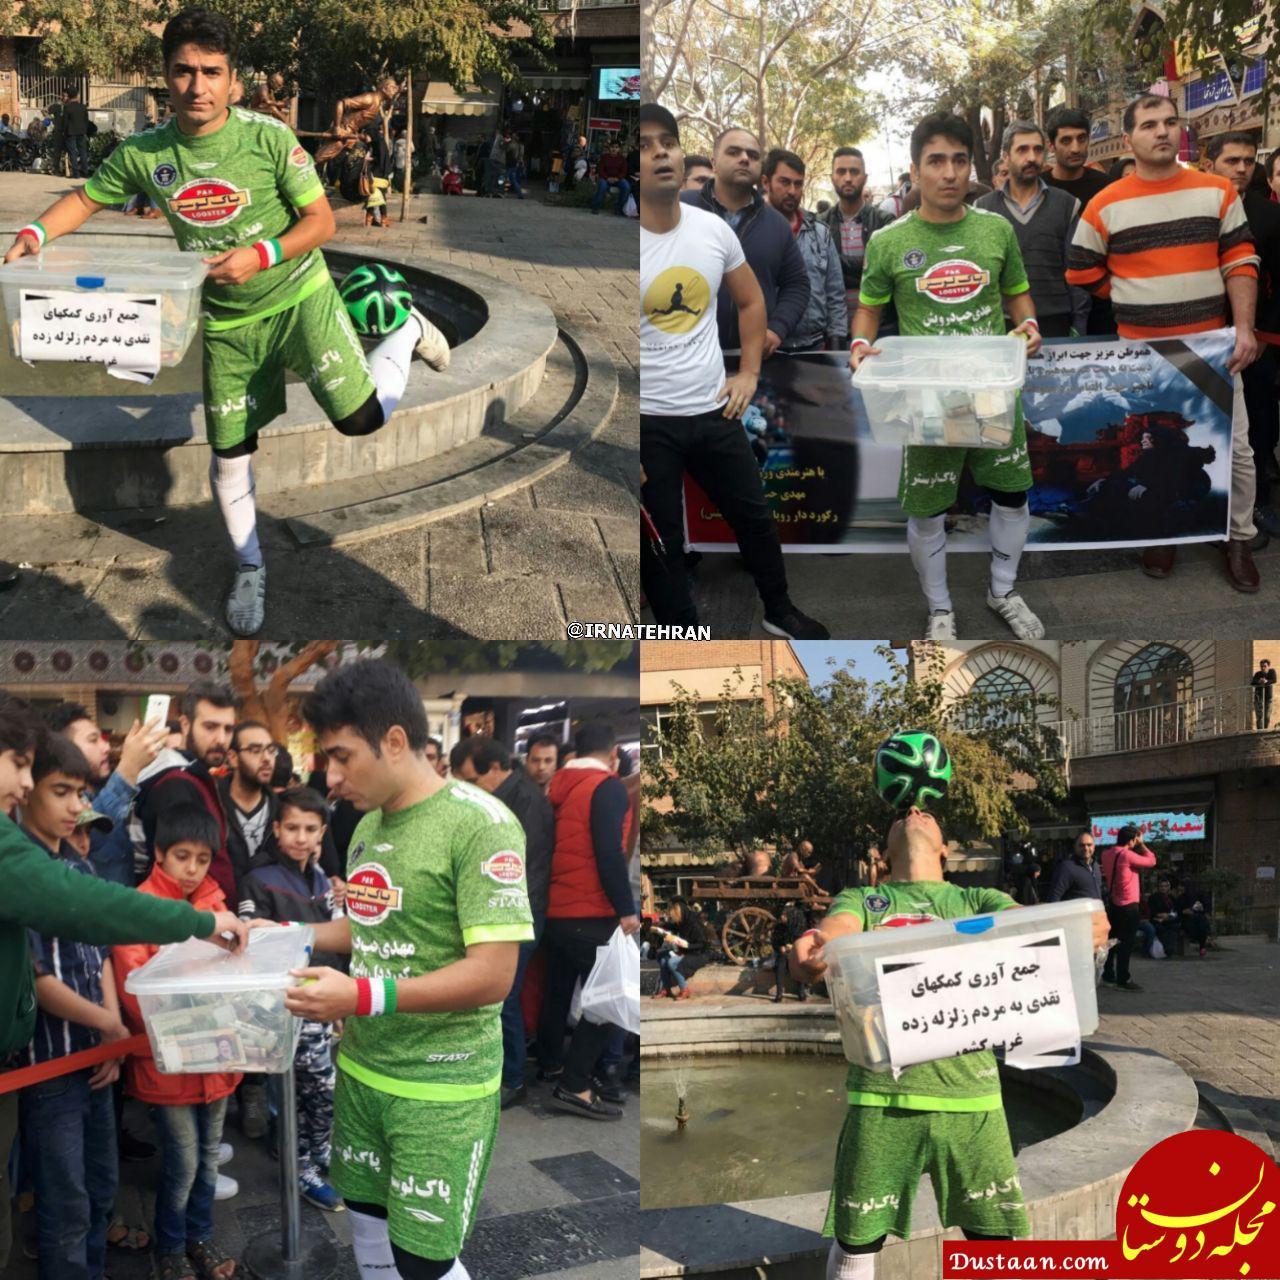 www.dustaan.com سلطان روپایی جهان در حال جمع آوری کمک های مردمی برای زلزله زدگان +عکس